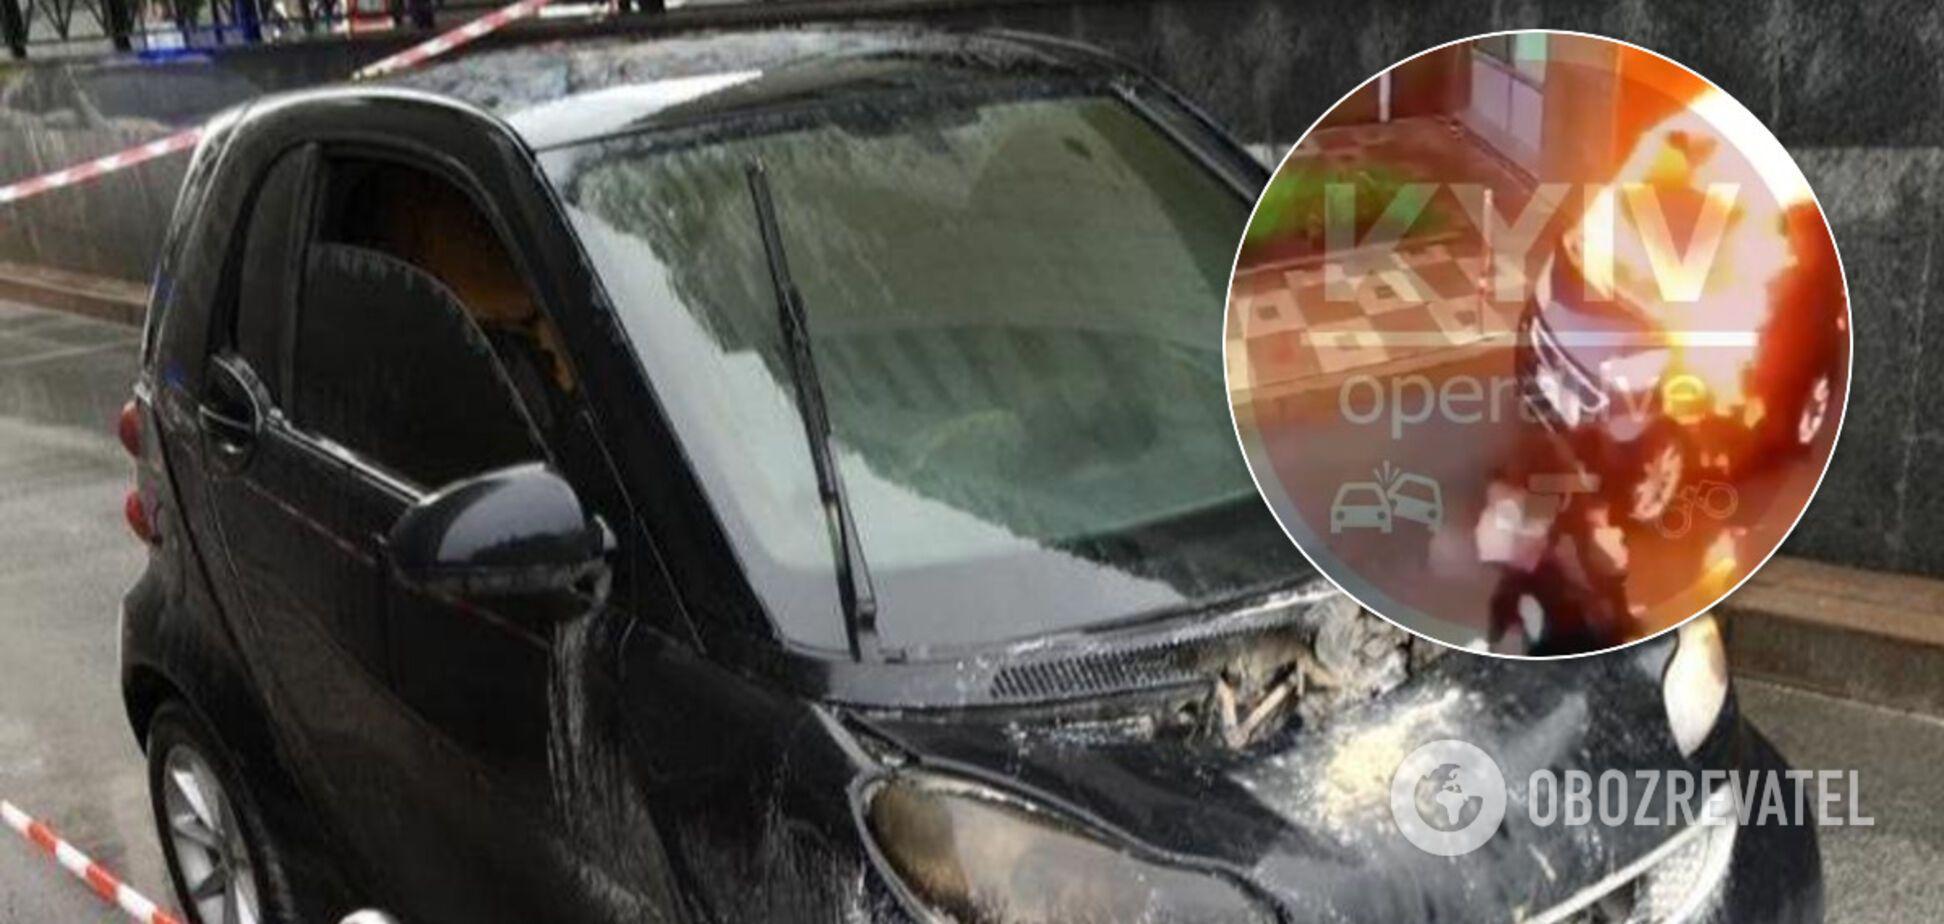 З'явилося відео з горе-бандитами, які розстріляли у Києві іноземця